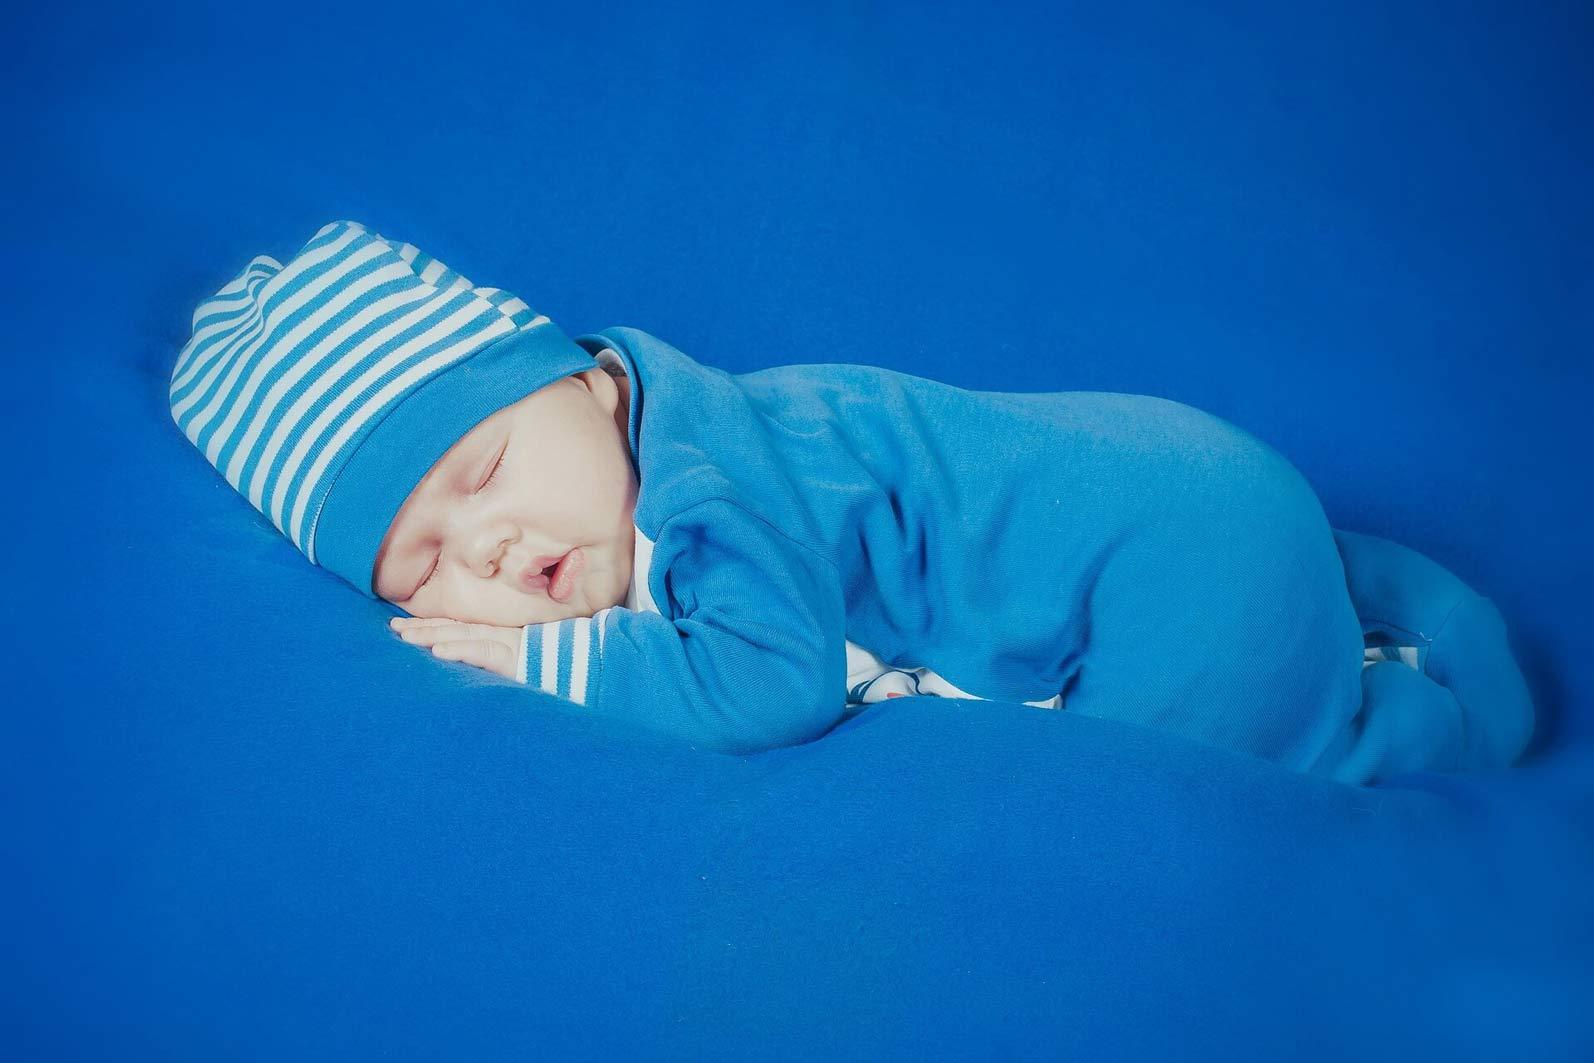 Blau ist die typische Farbe für Jungs